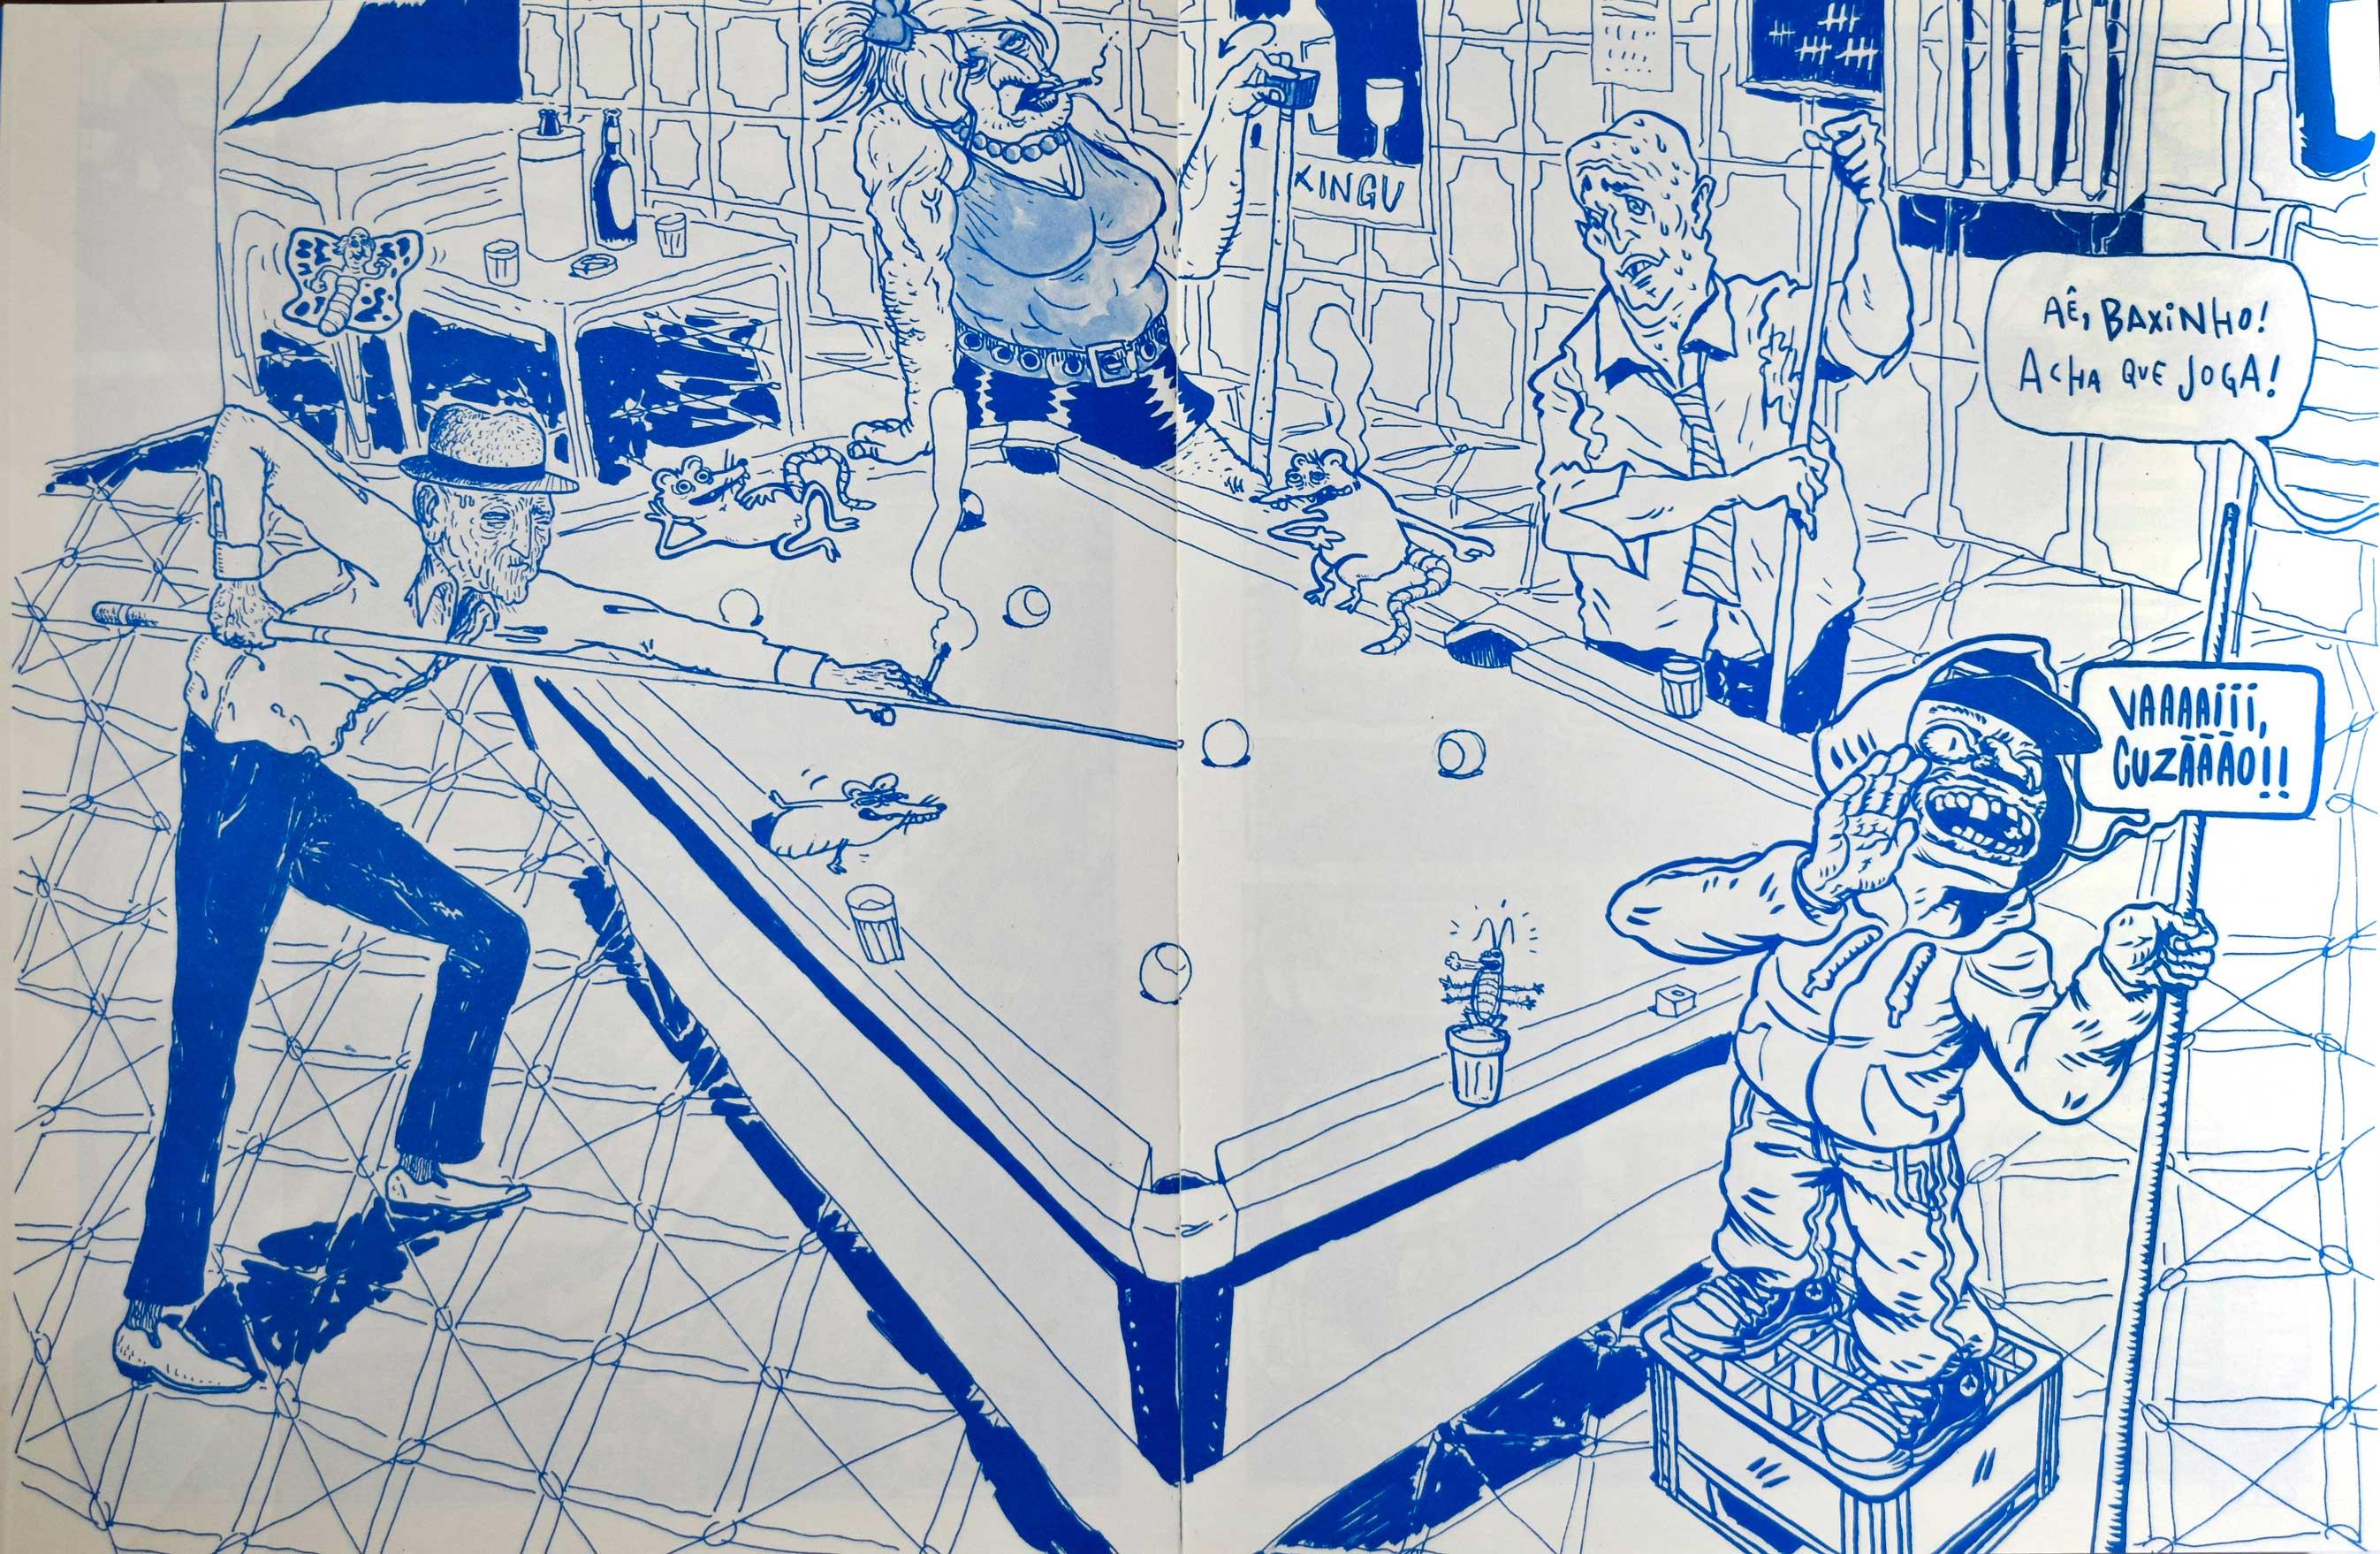 miolo-frito-bar-quadrinhos-hq-ilustracao-6